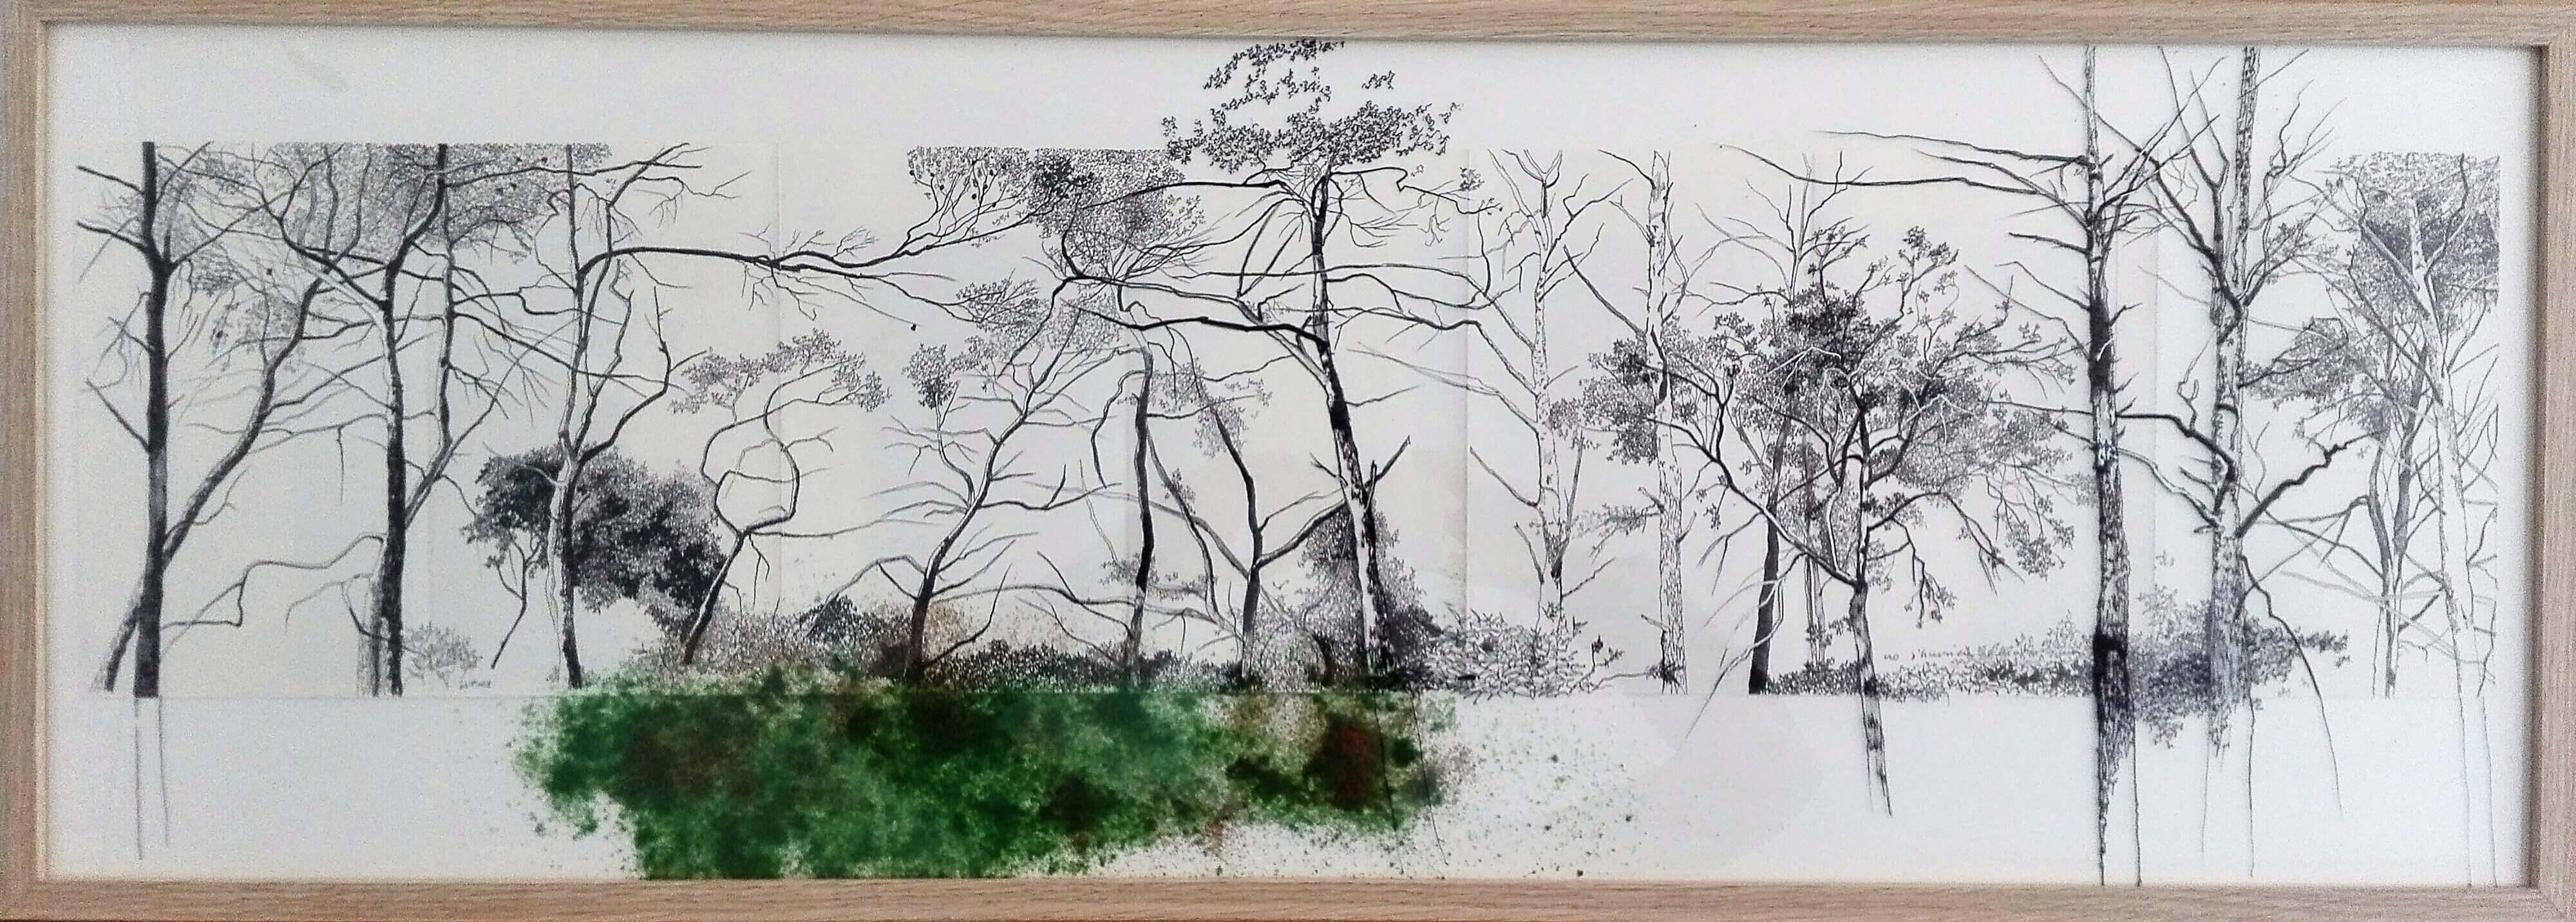 1500euros-Camins-de-boscos-I-dibuix-d-llibreta-molenskin-97x34cmIMG_20180302_112605 Tatiana Blanqué